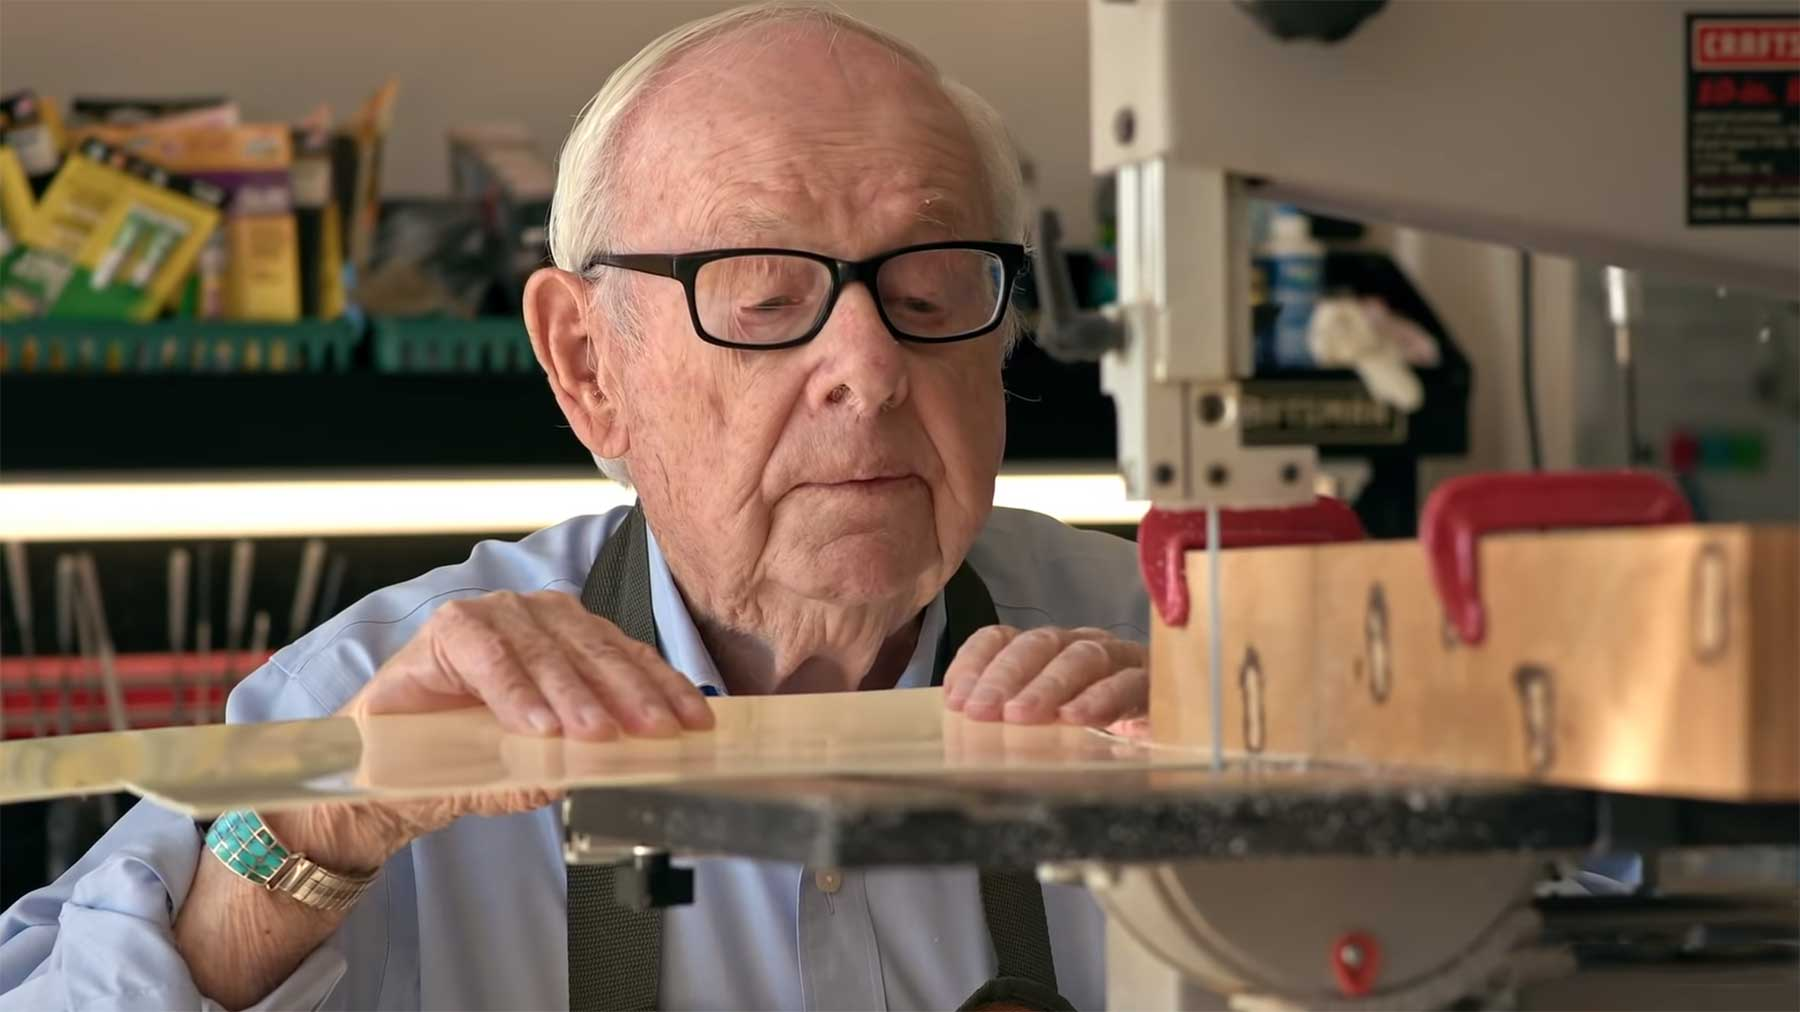 Eddy Goldfarb hat bereits über 800 Spielzeuge erfunden Eddy-Goldfarb-spielzeugerfinder